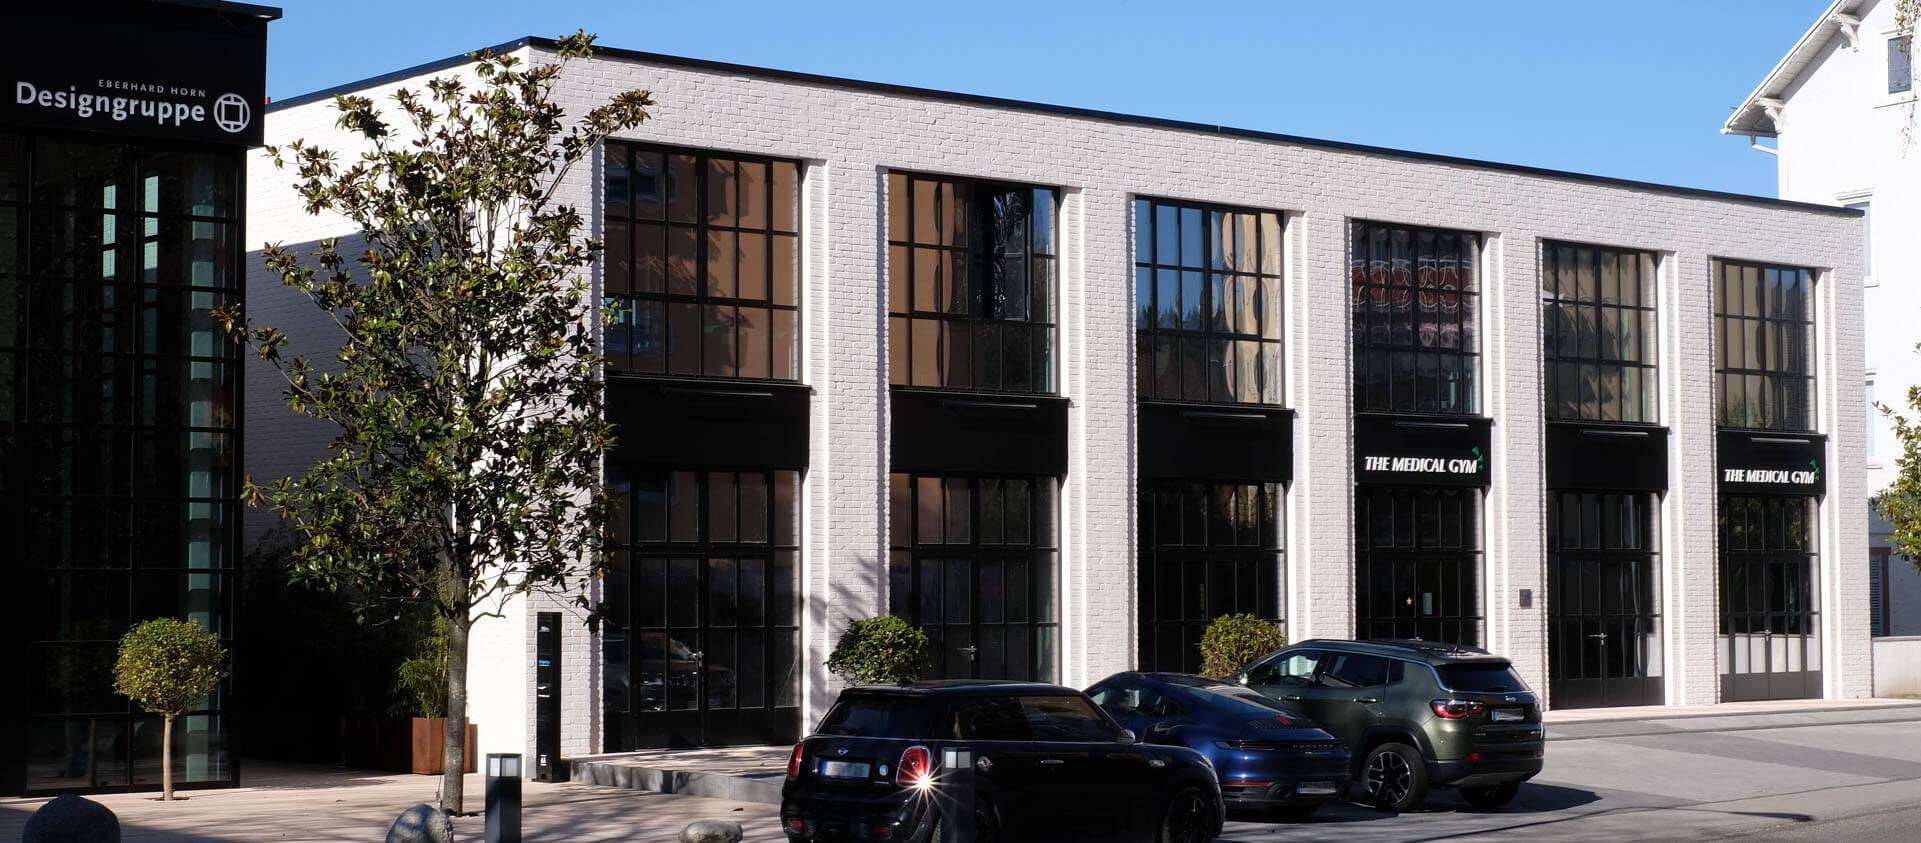 Architektur Florian + Eberhard Horn Backsteinfassade von Wohn- und Geschäftshaus